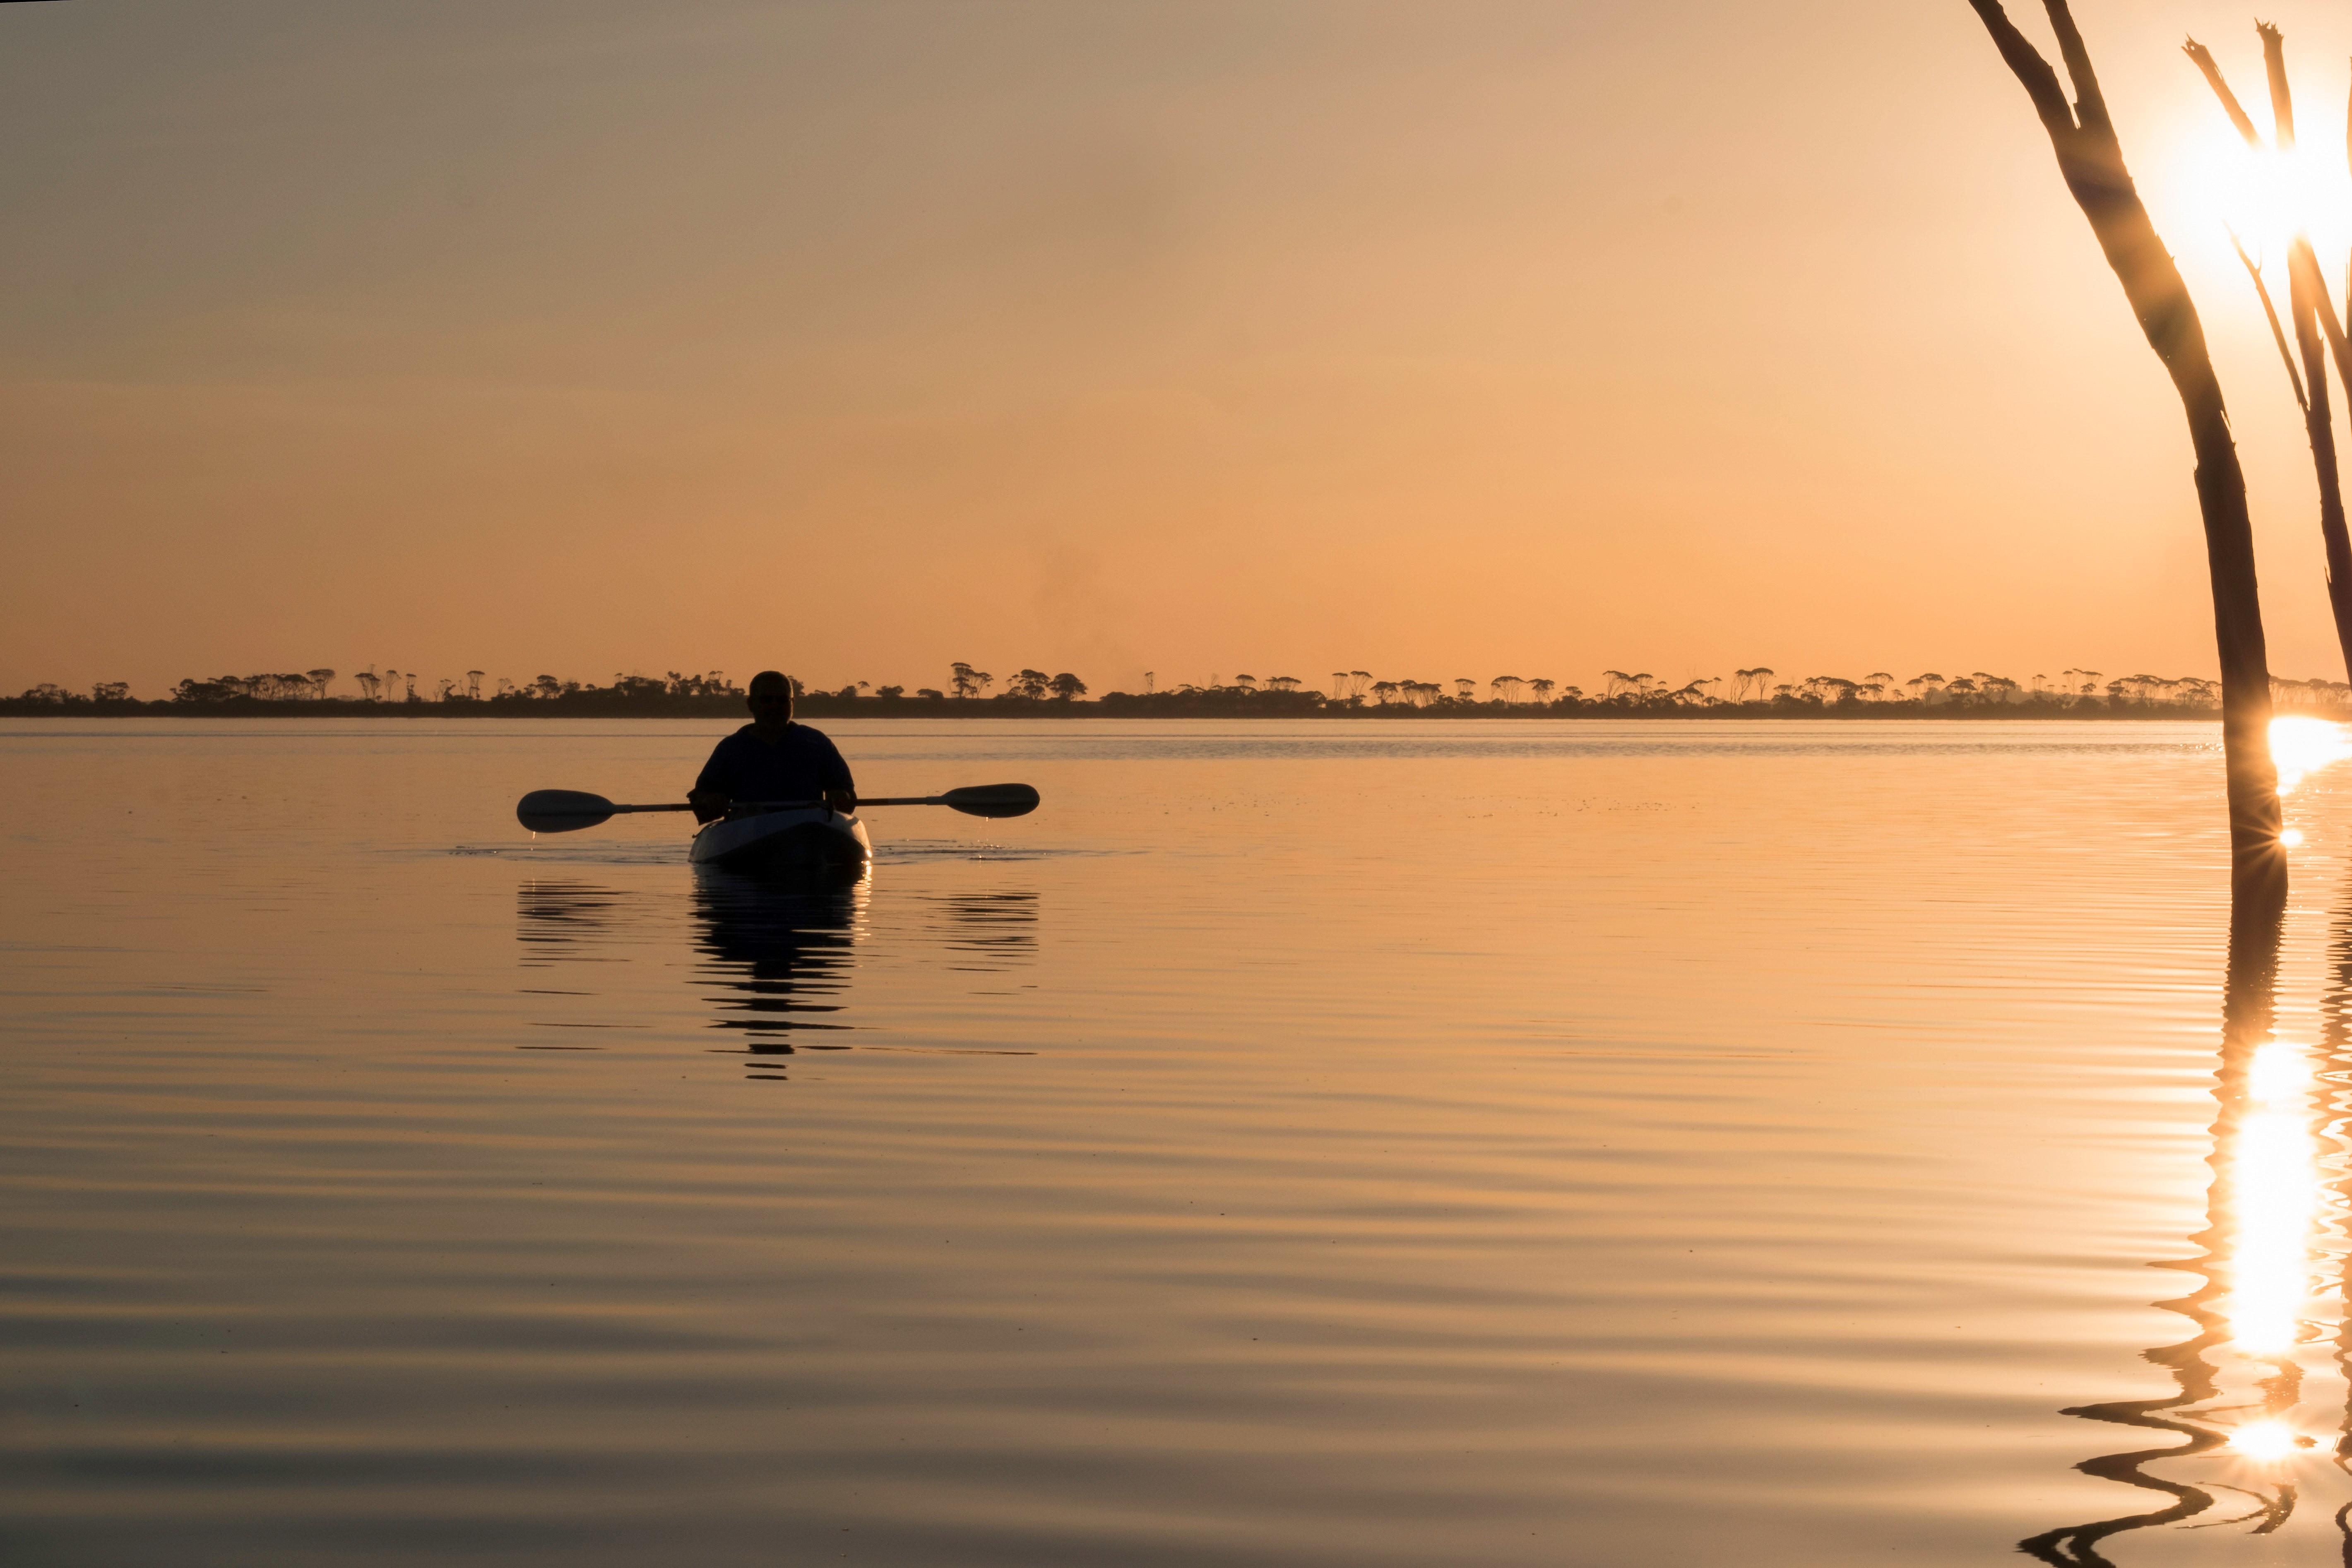 Kayak on Lake Dumbleyung - by Christine Bairstow LG